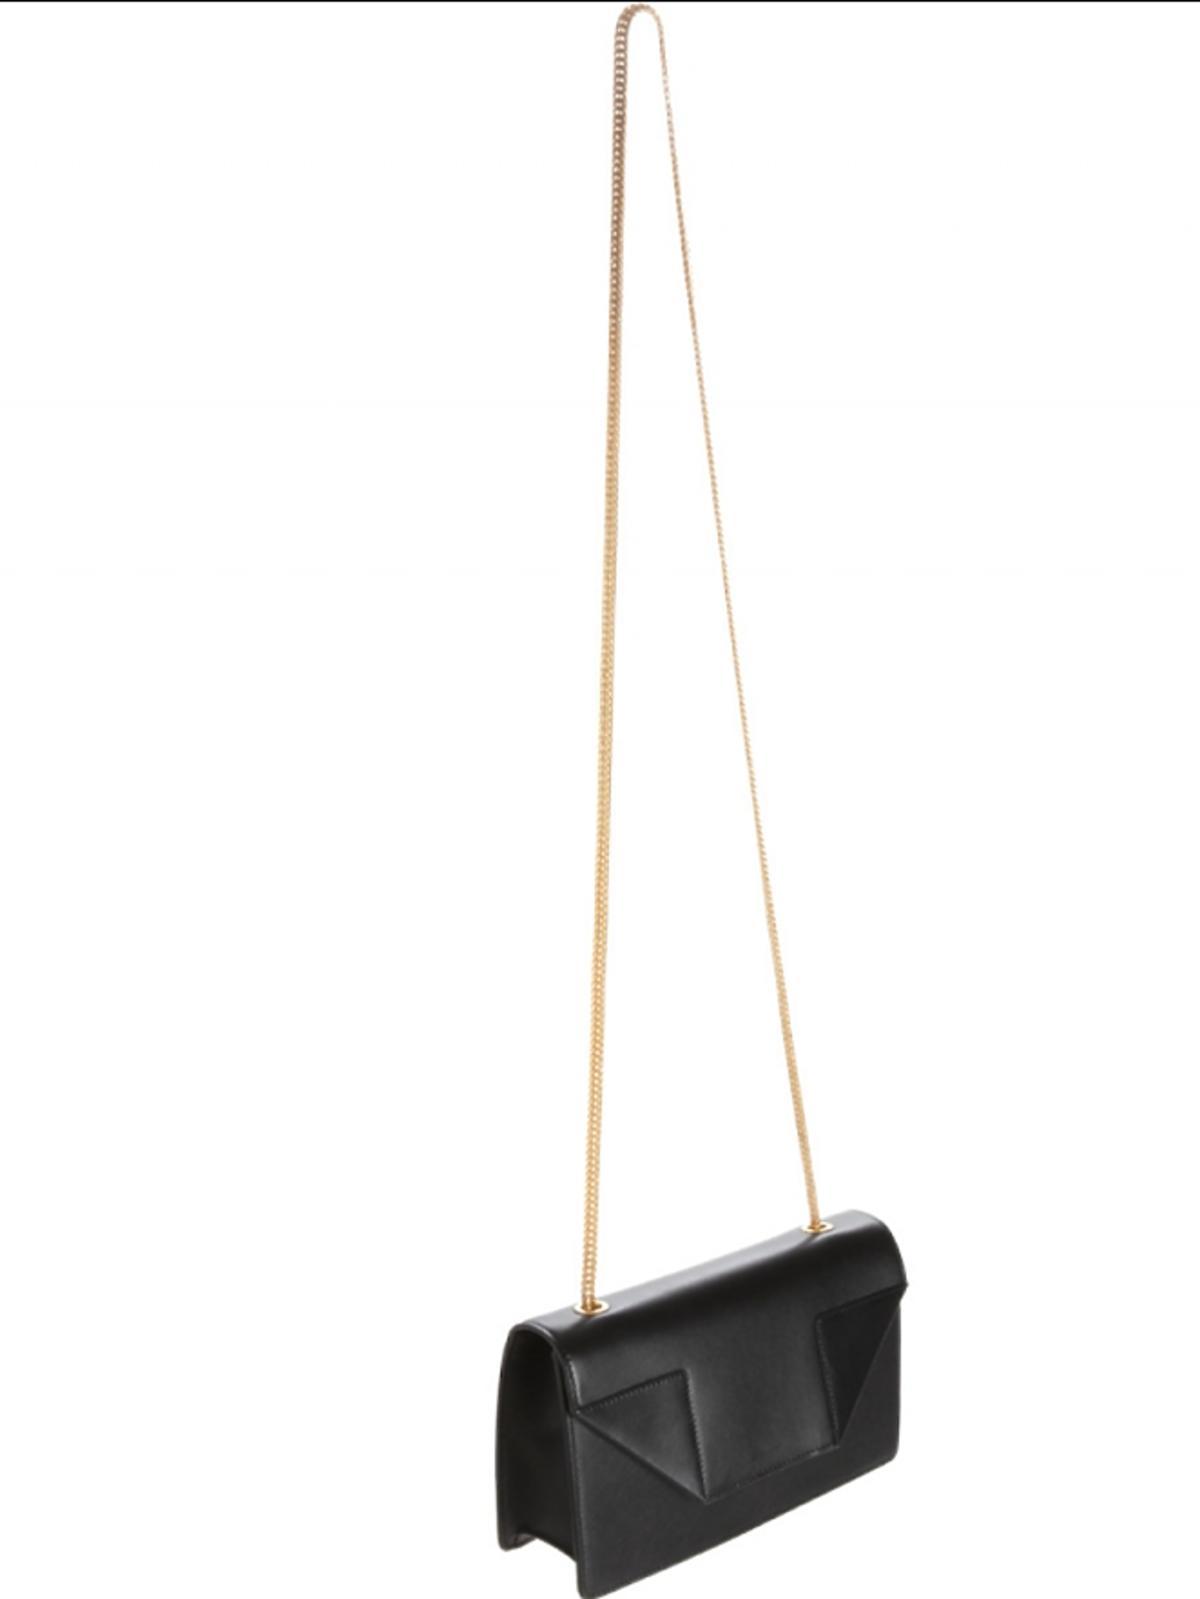 Czarna mała torebka na długim złotym łańcuszku